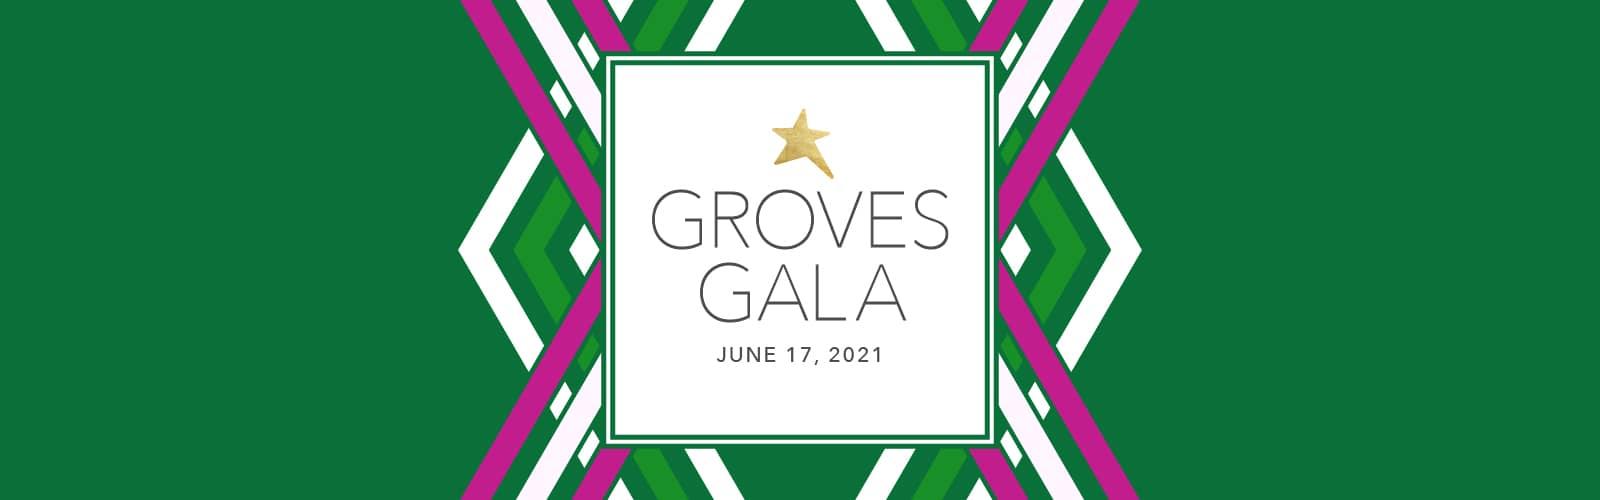 44th Annual Groves Gala